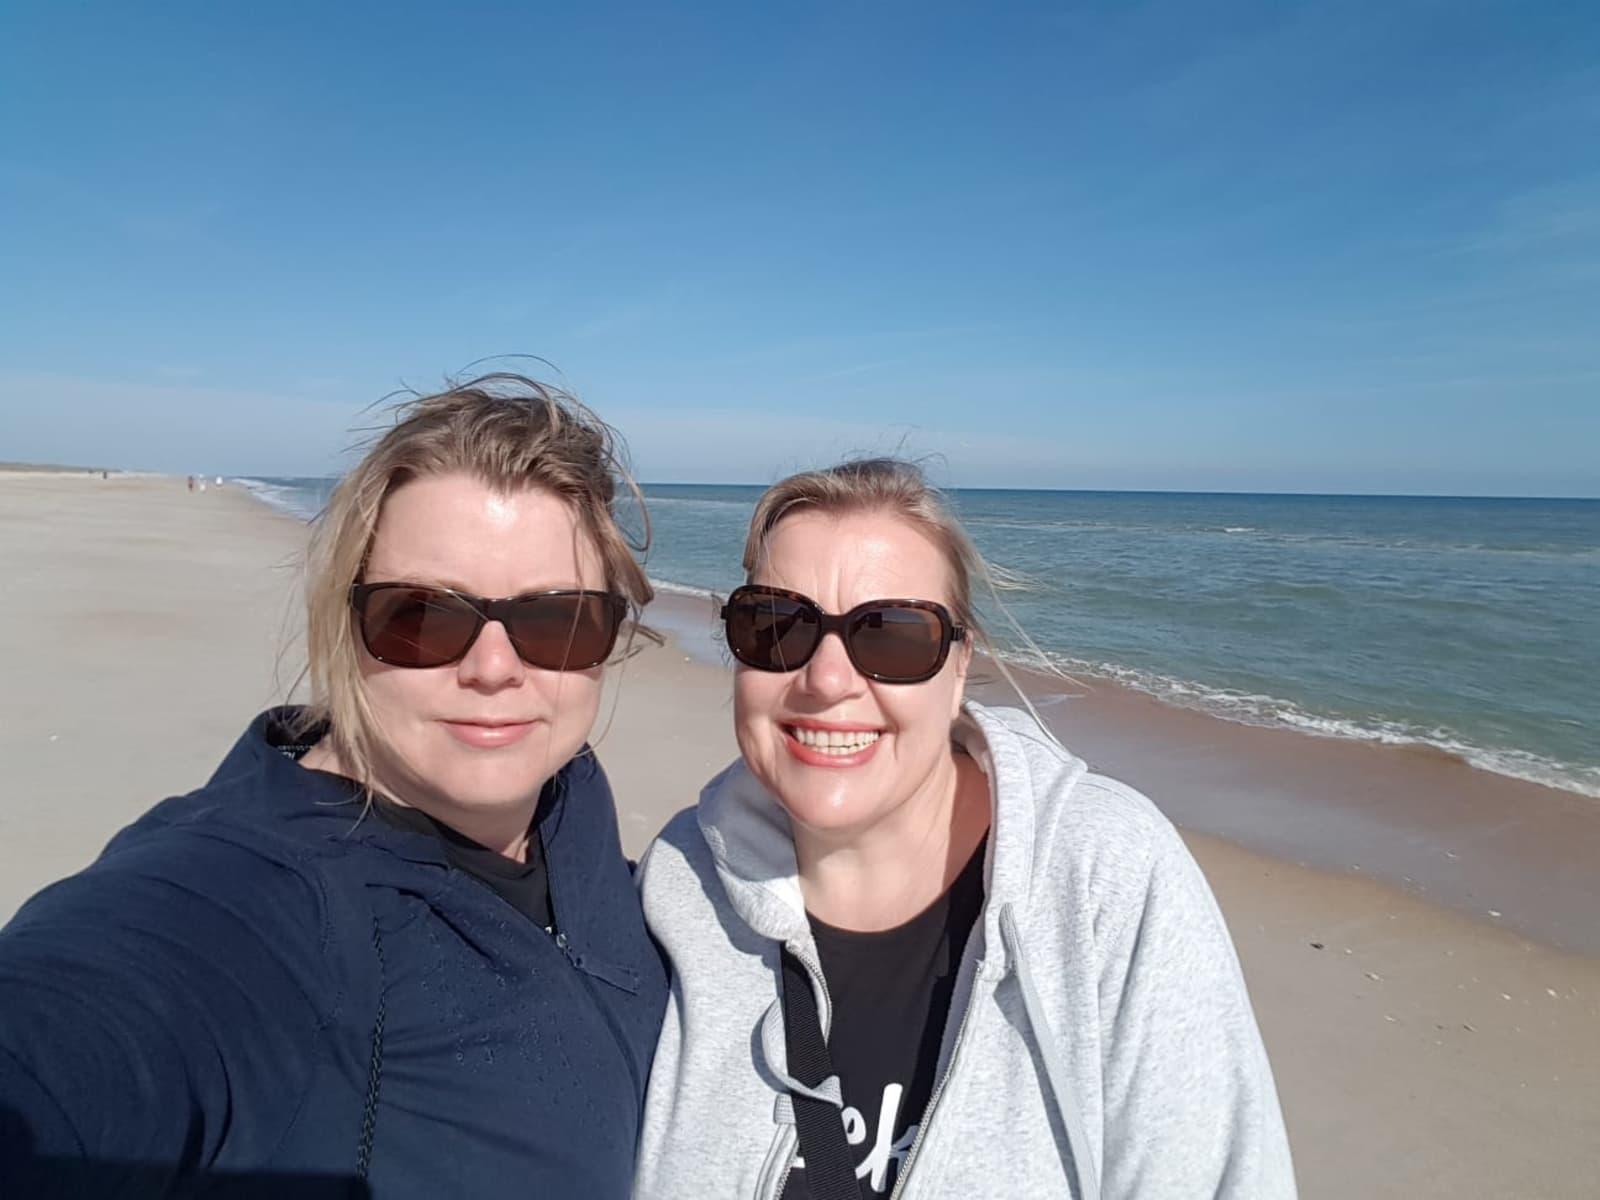 Janet & Monique from Sinderen, Netherlands